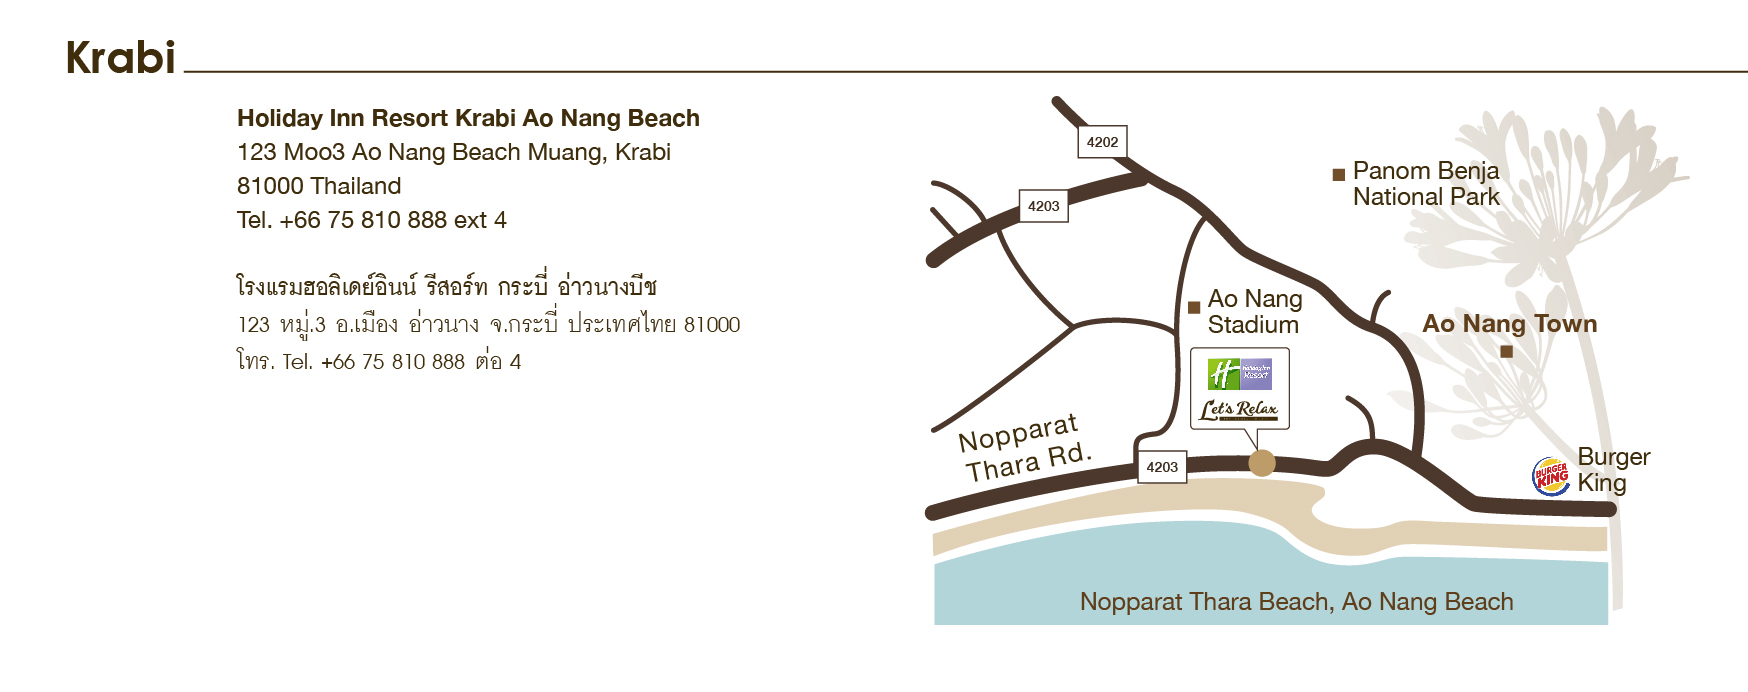 Let\'s Relax Spa : Krabi Holiday Inn